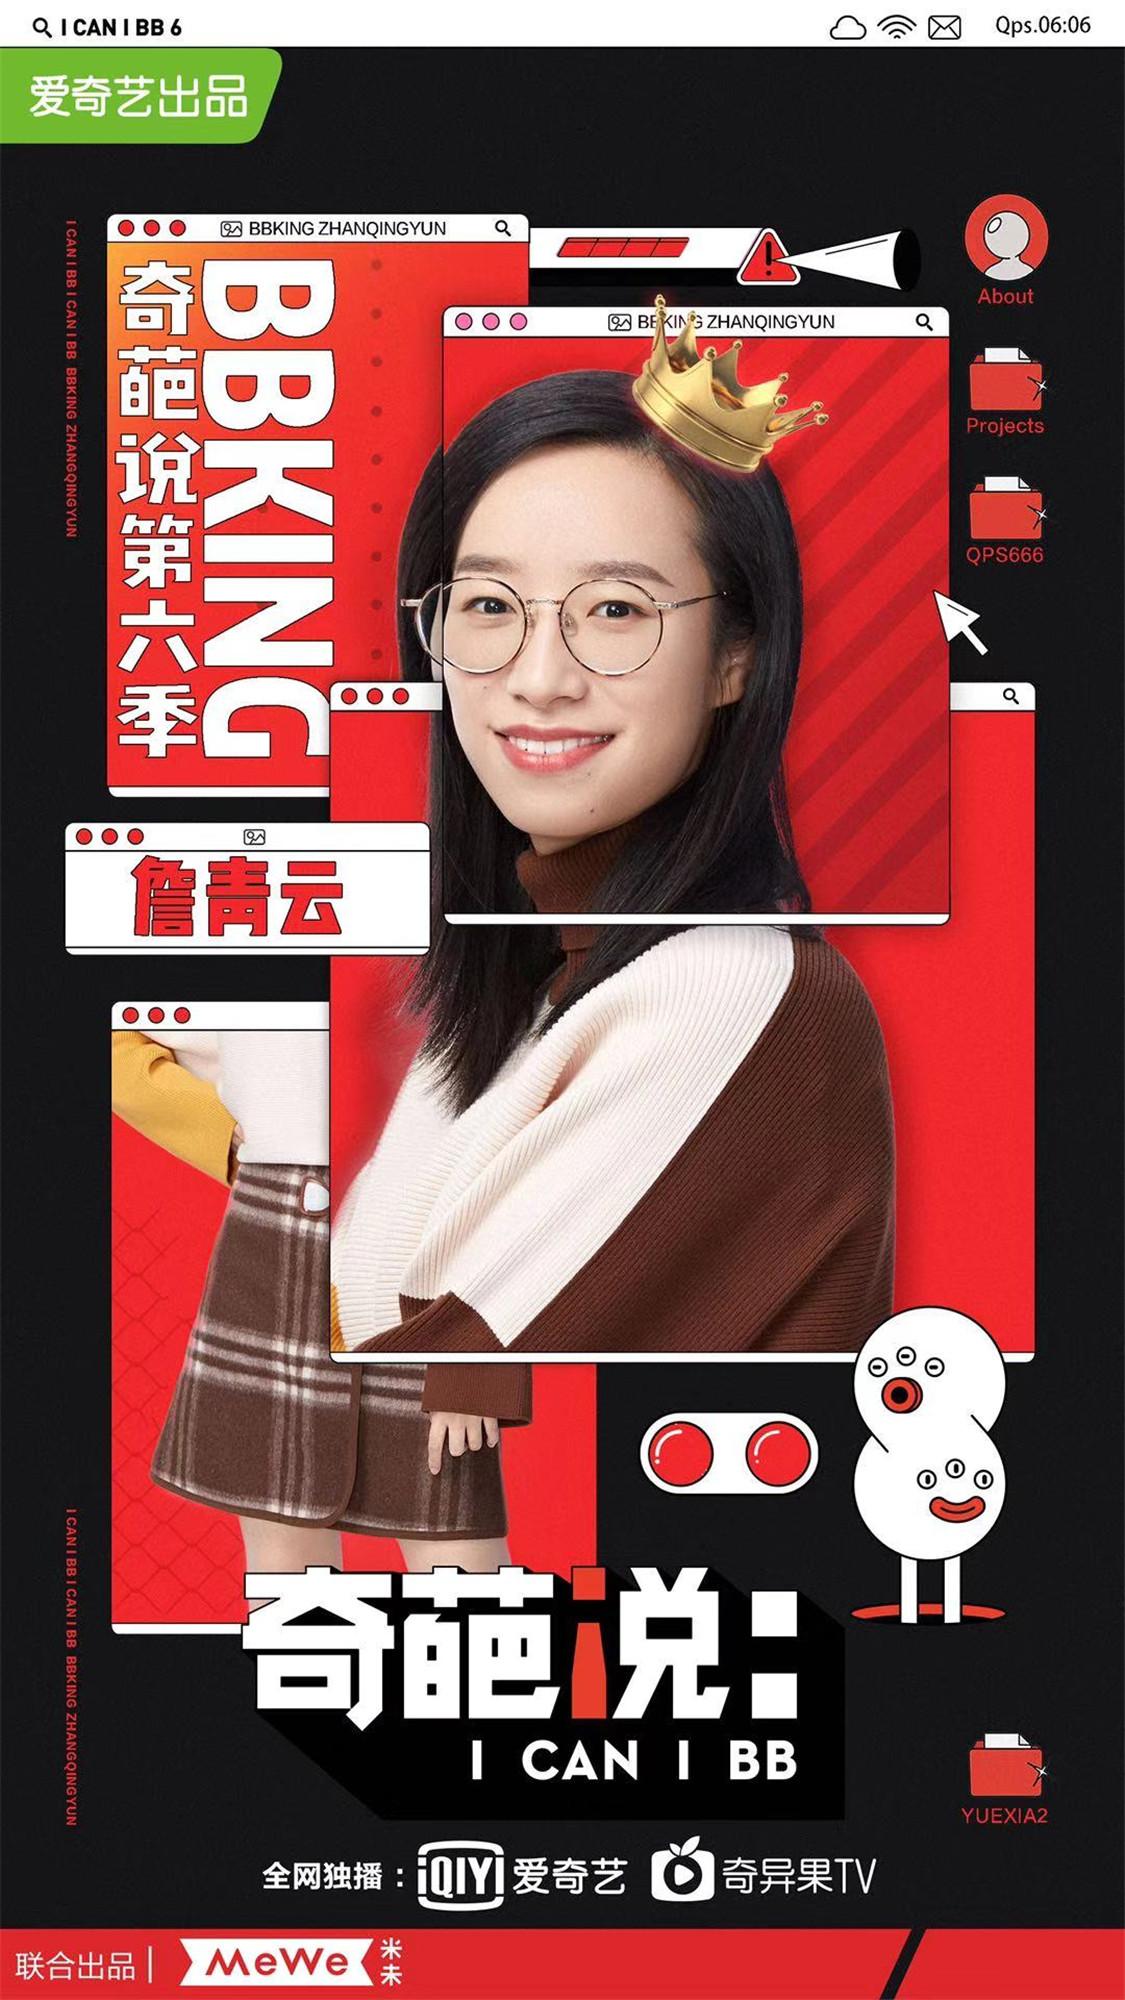 《奇葩说6》高热收官詹青云加冕BBKing全网数百热搜席卷思辨狂潮